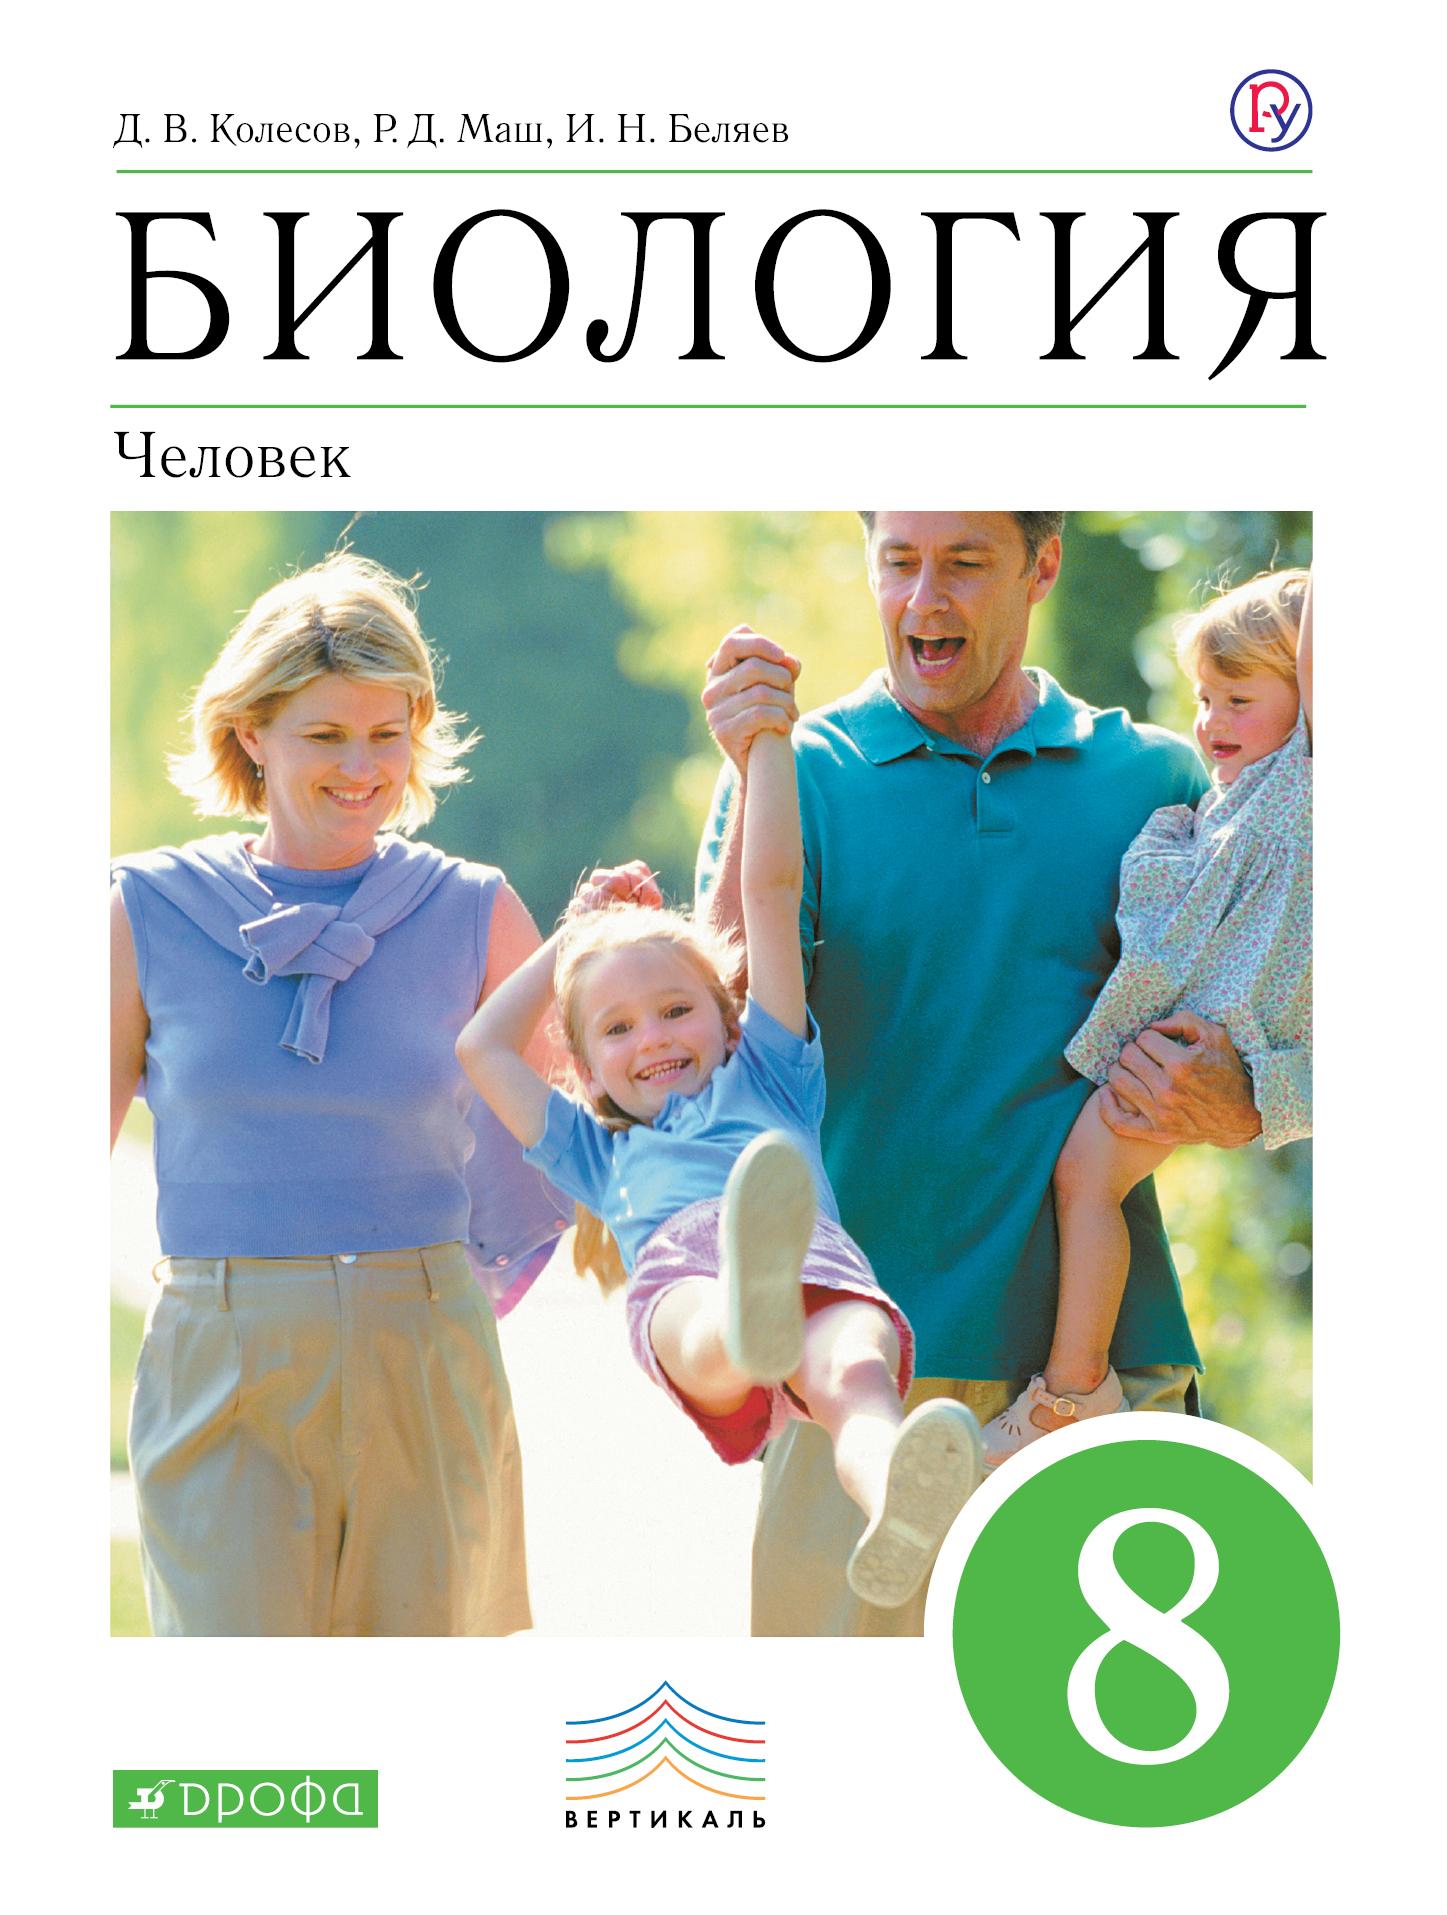 Колесов Д.В., Маш Р.Д., Сивоглазов В.И. Биология. Человек.8 класс. Учебник